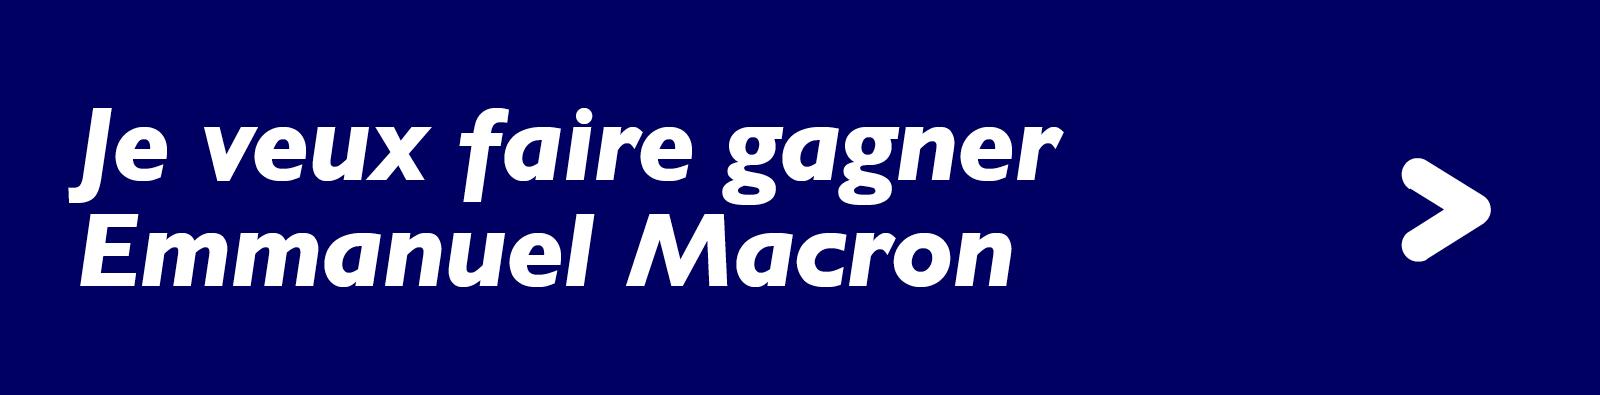 Je veux faire gagner Emmanuel Macron